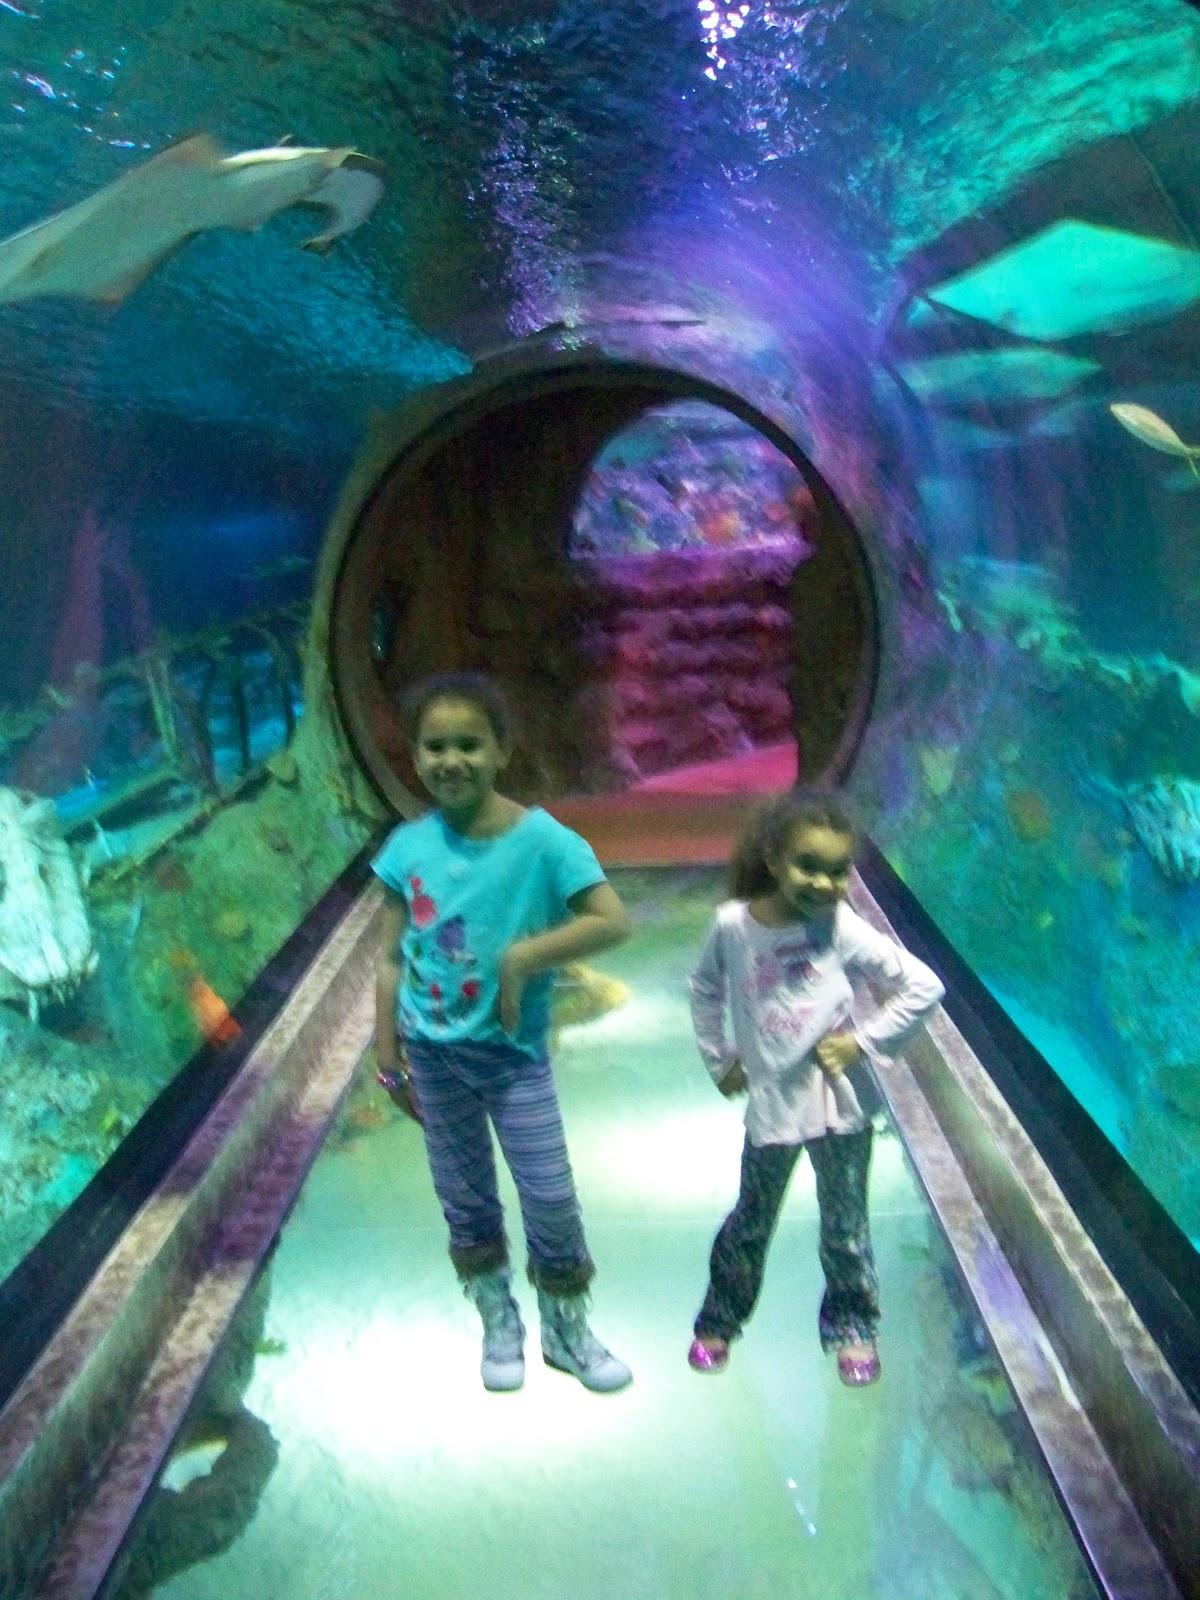 Family Entertainment In North Texas Sea Life Aquarium In Grapevine Tx